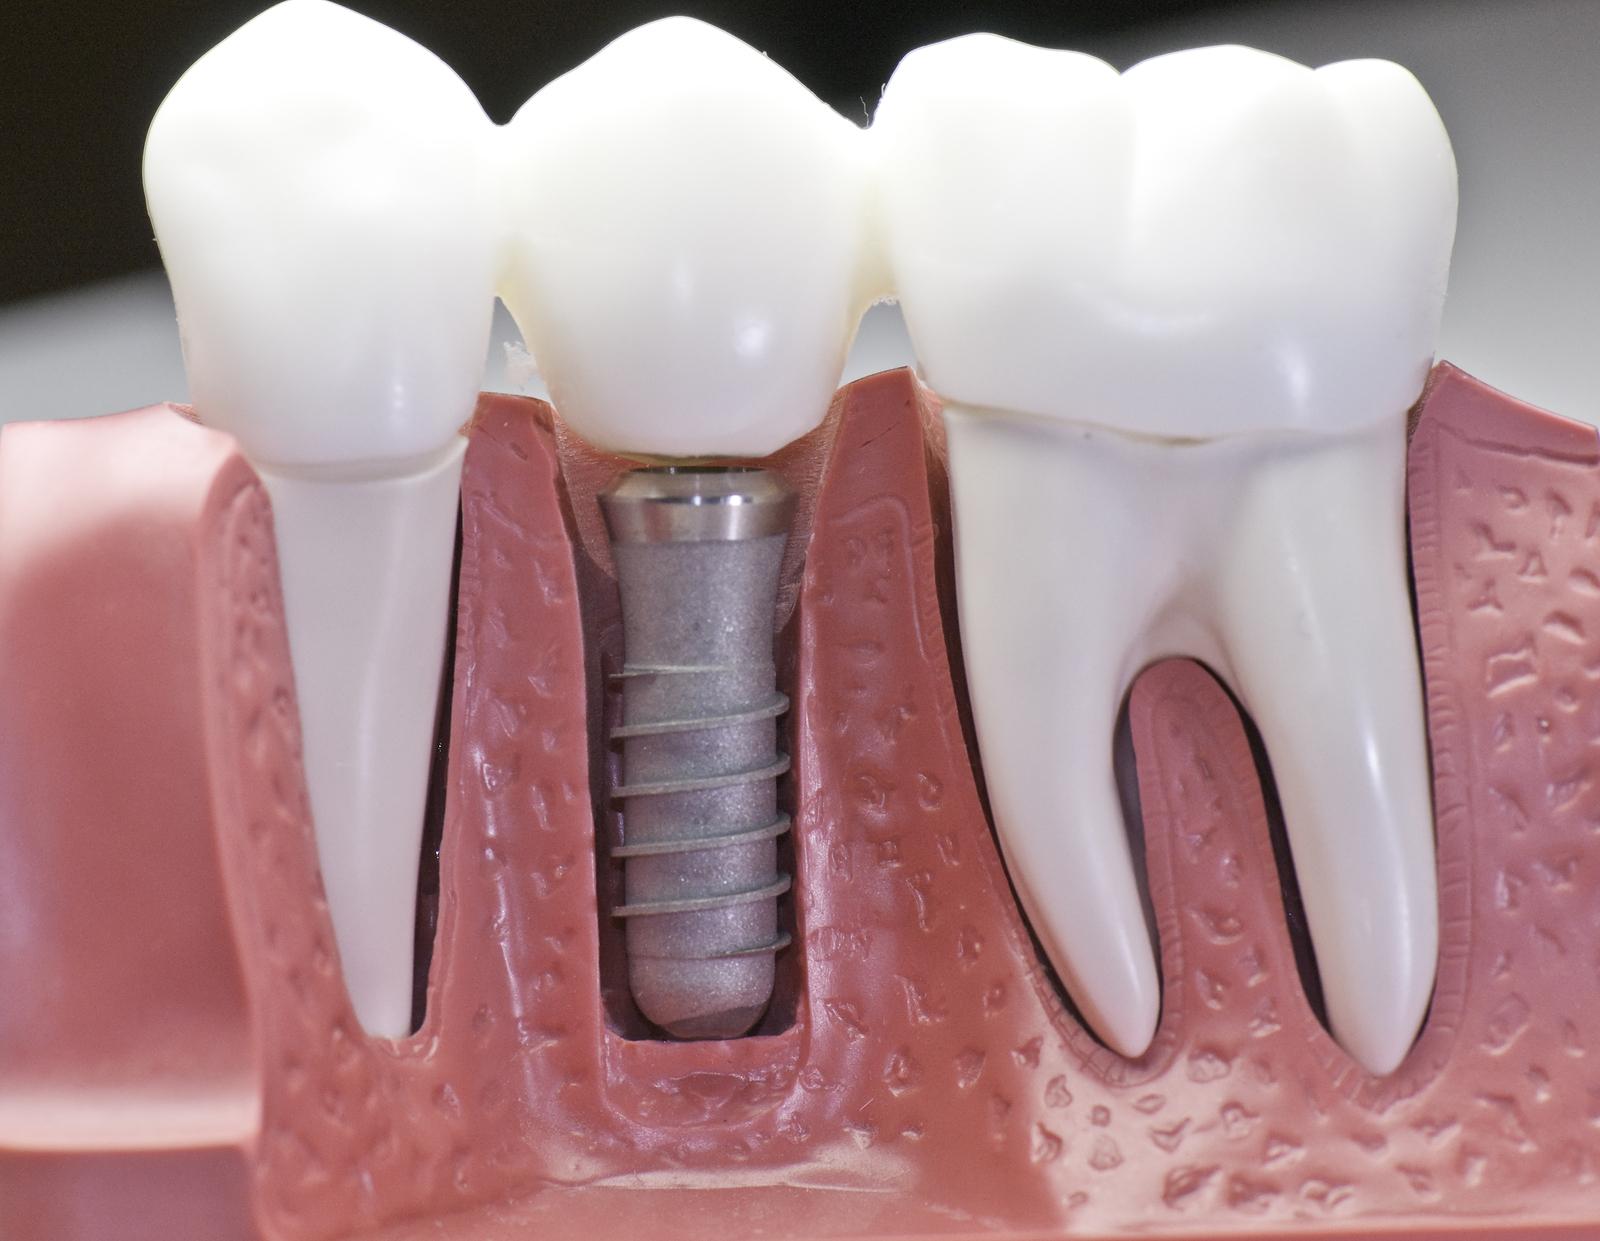 preço de um implante dentário em idosos